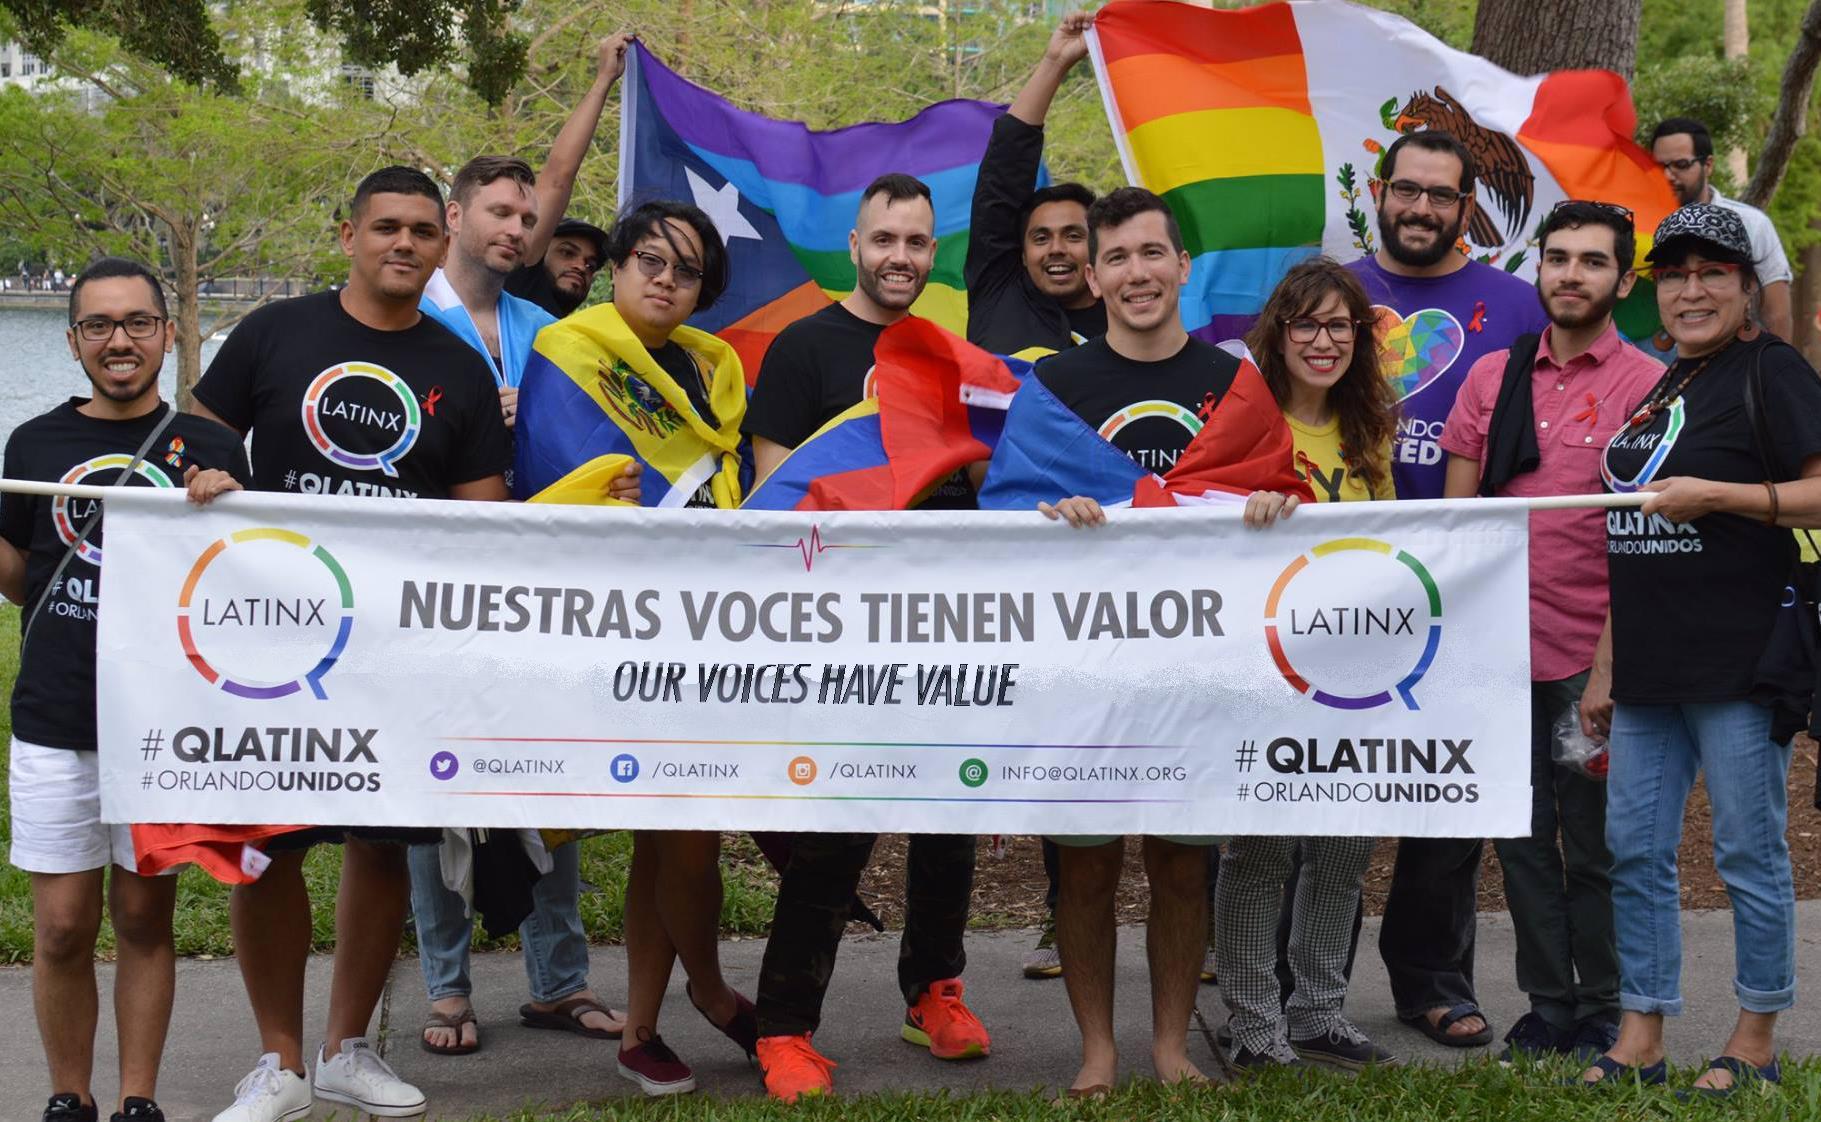 De foto gay latinos — pic 9